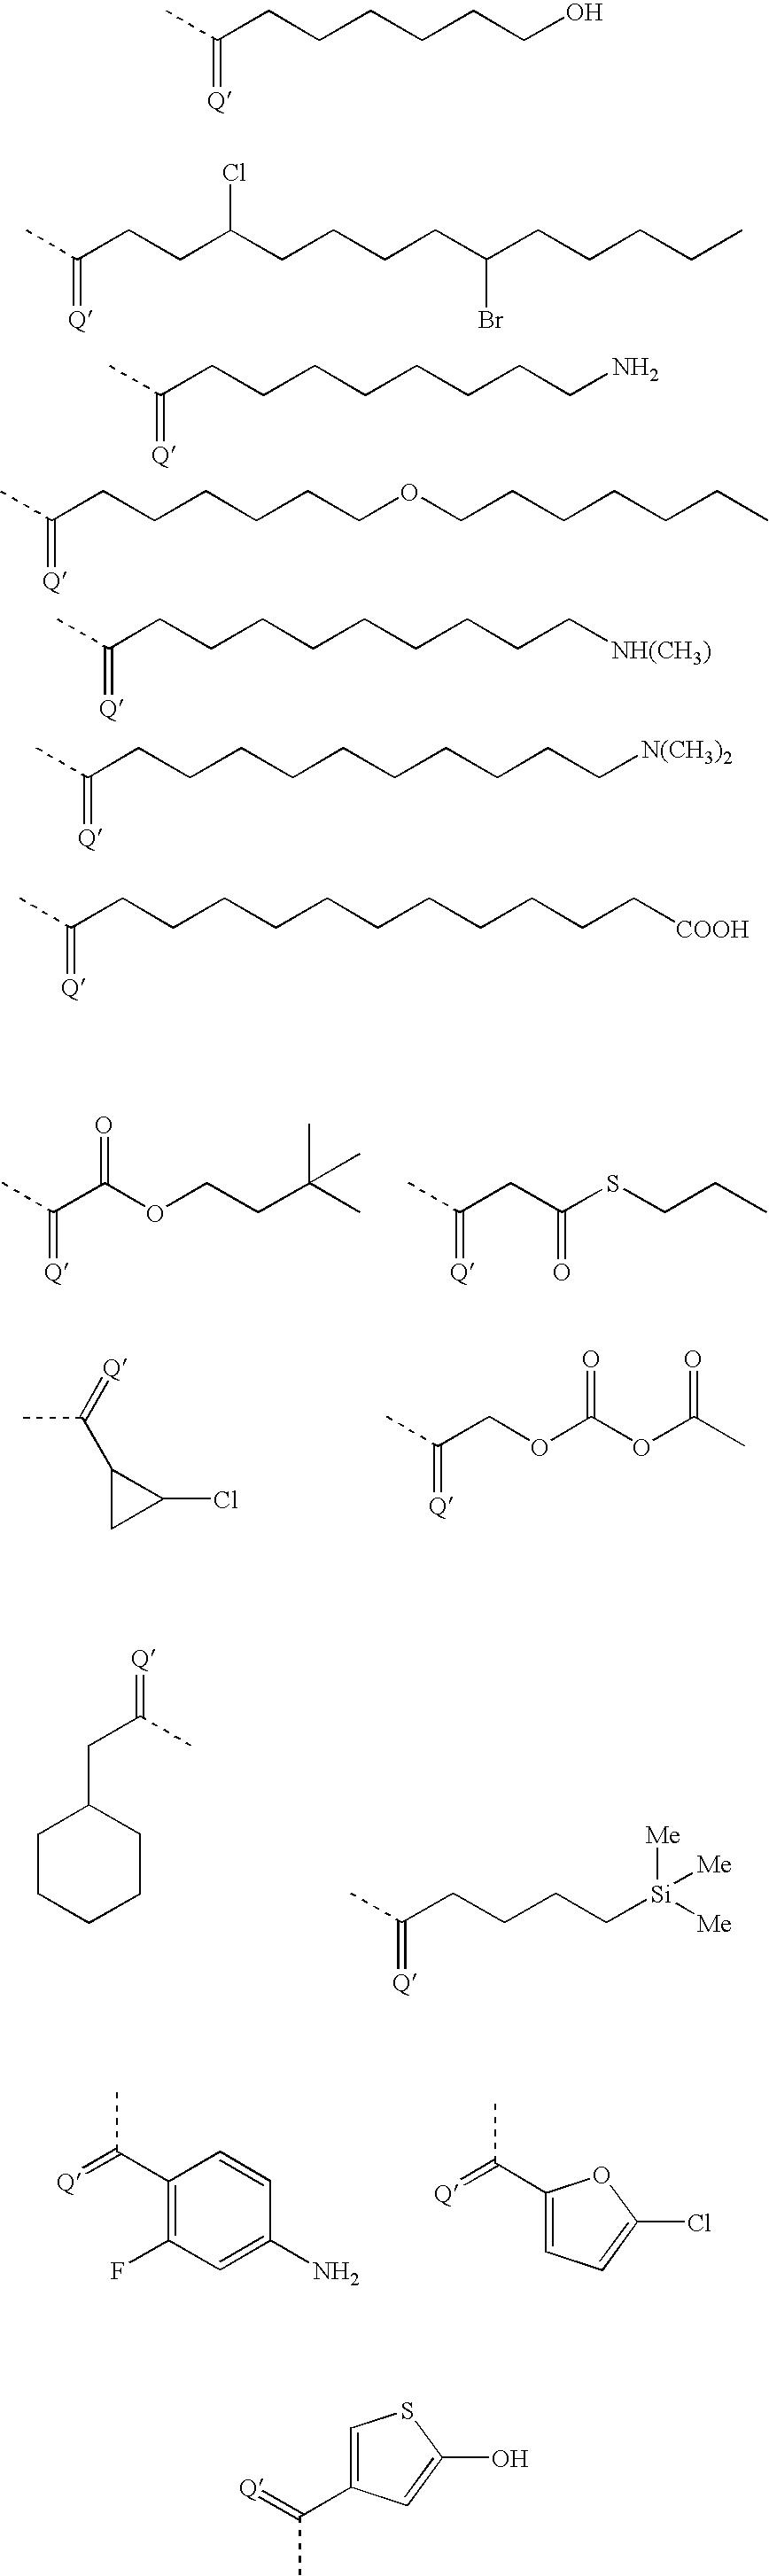 Figure US07671095-20100302-C00045